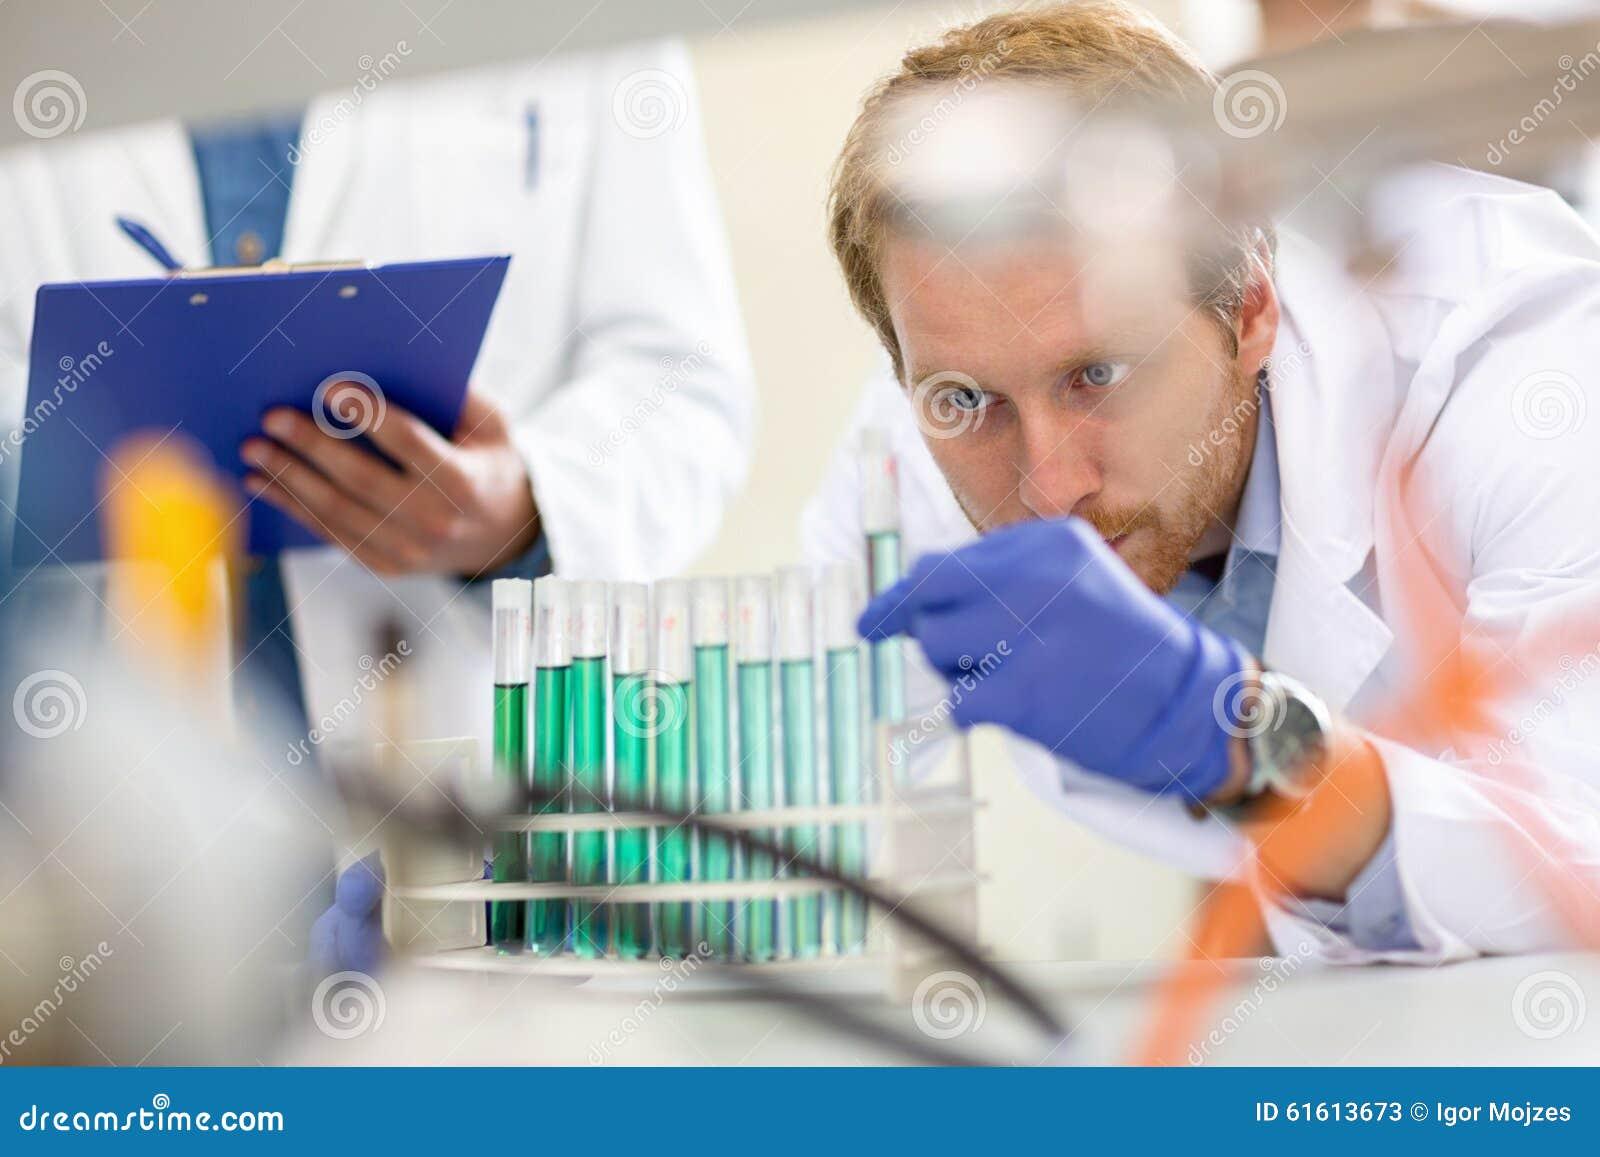 Kemist som kontrollerar flytande från provröret